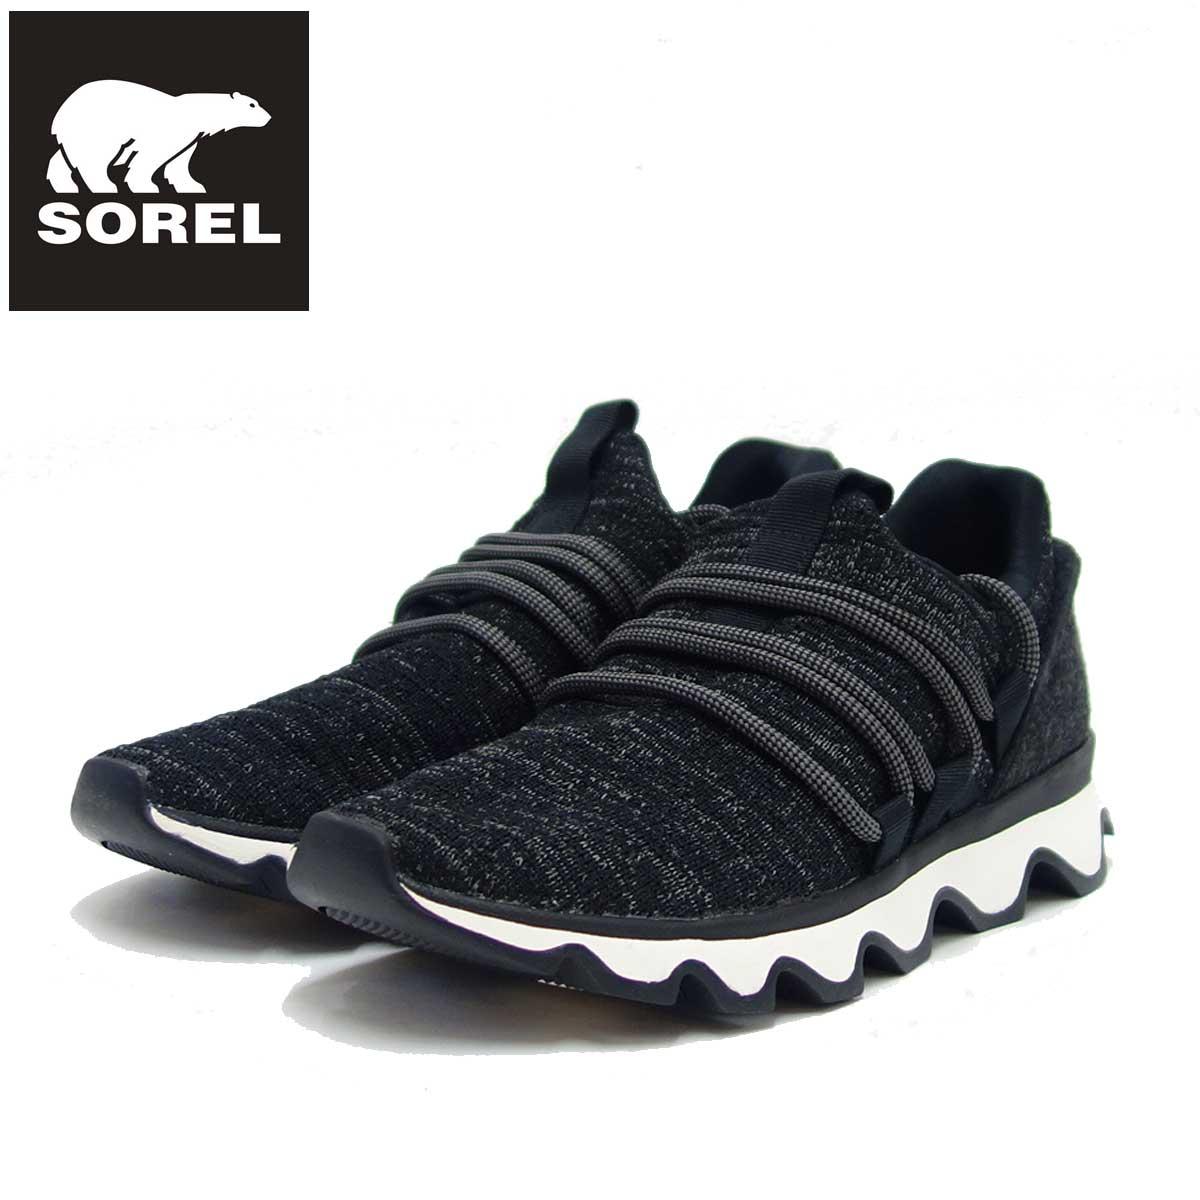 ソレル SOREL NL 3227 (レディース) キネティックレース:ブラック (011) スリッポンスニーカー 「靴」